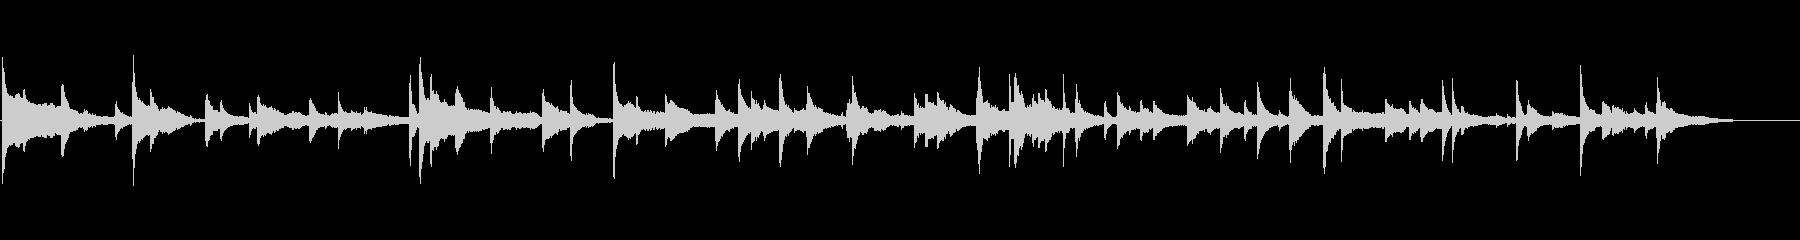 ホラーに合う不気味な雰囲気のBGMの未再生の波形